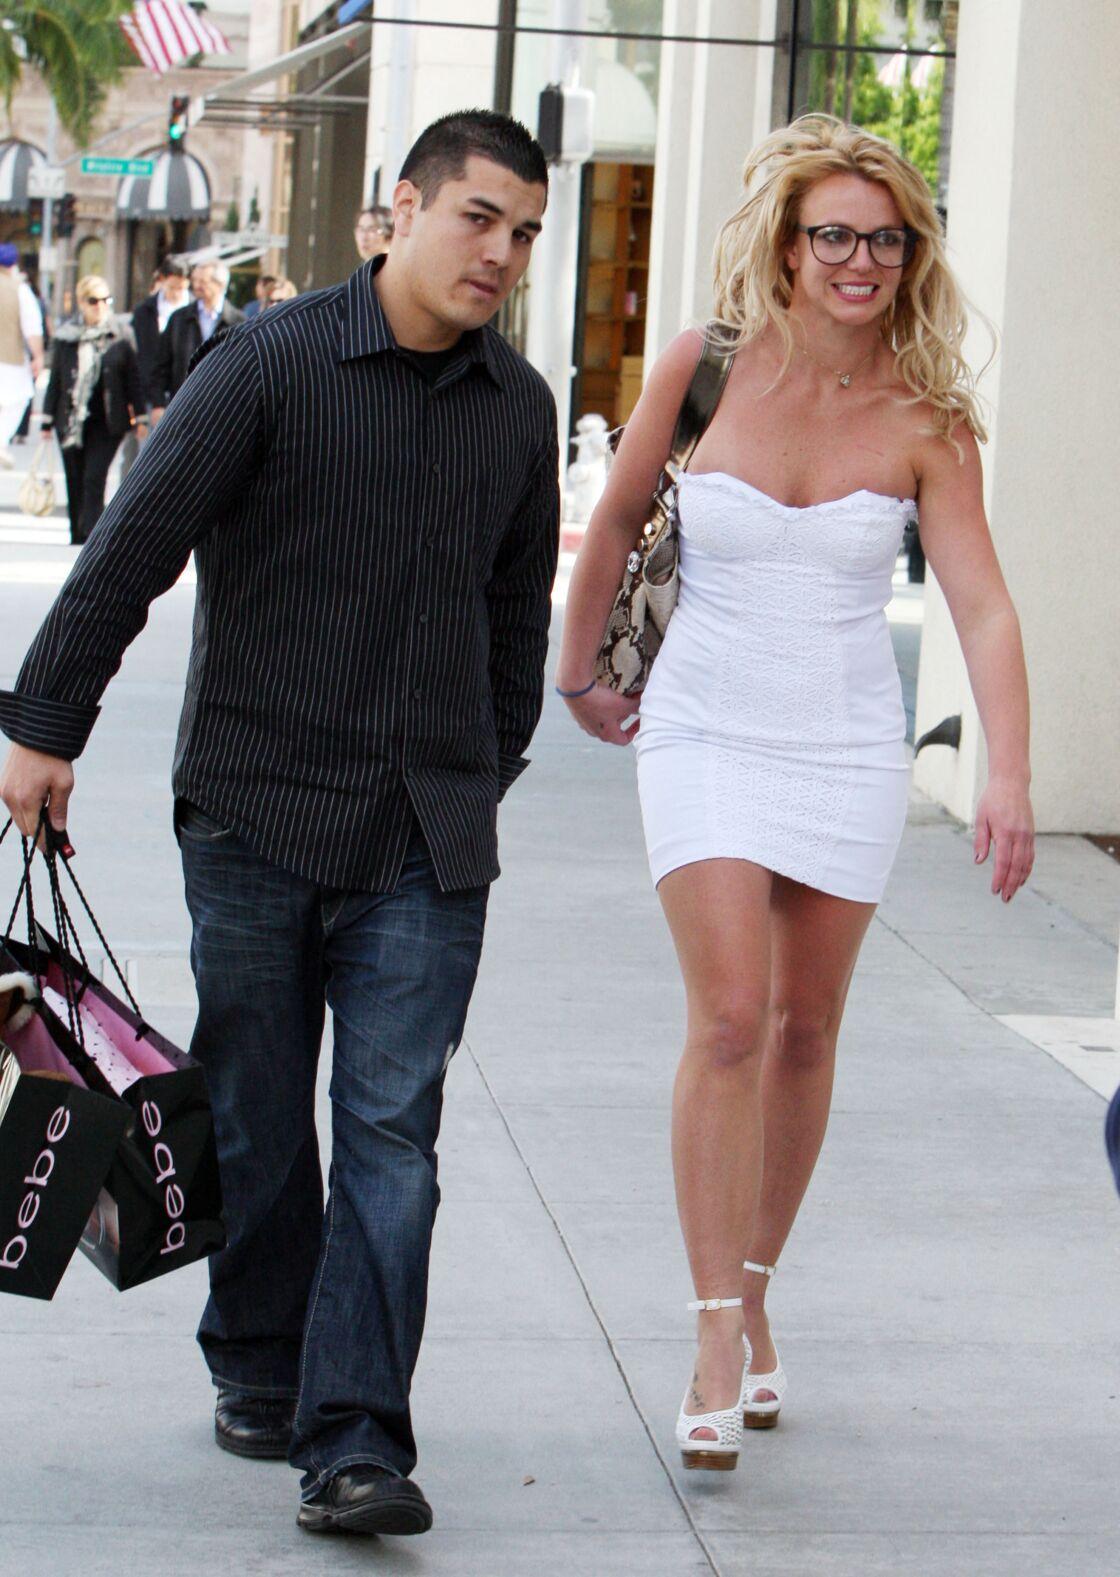 Britney Spears escortée par son garde du corps Fernando Flores, lors d'une virée shopping dans le quartier chic de Beverly Hills, à Los Angeles, le 31 mars 2010.